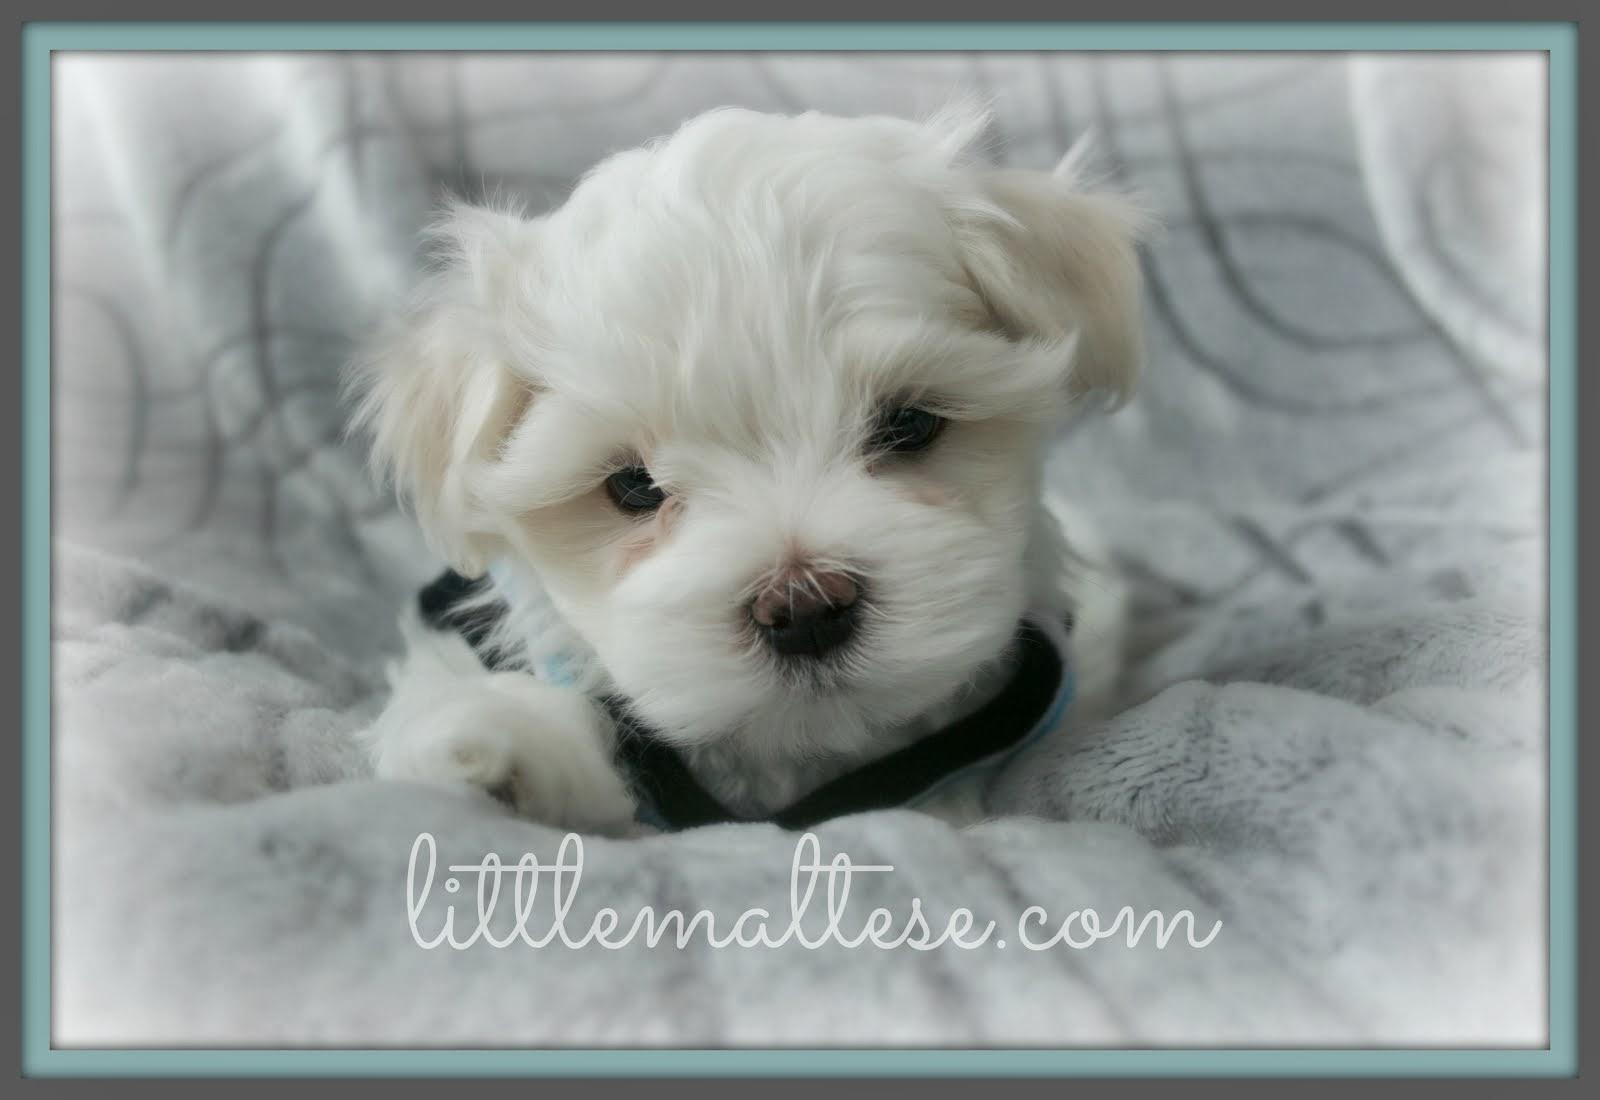 Meet Winston